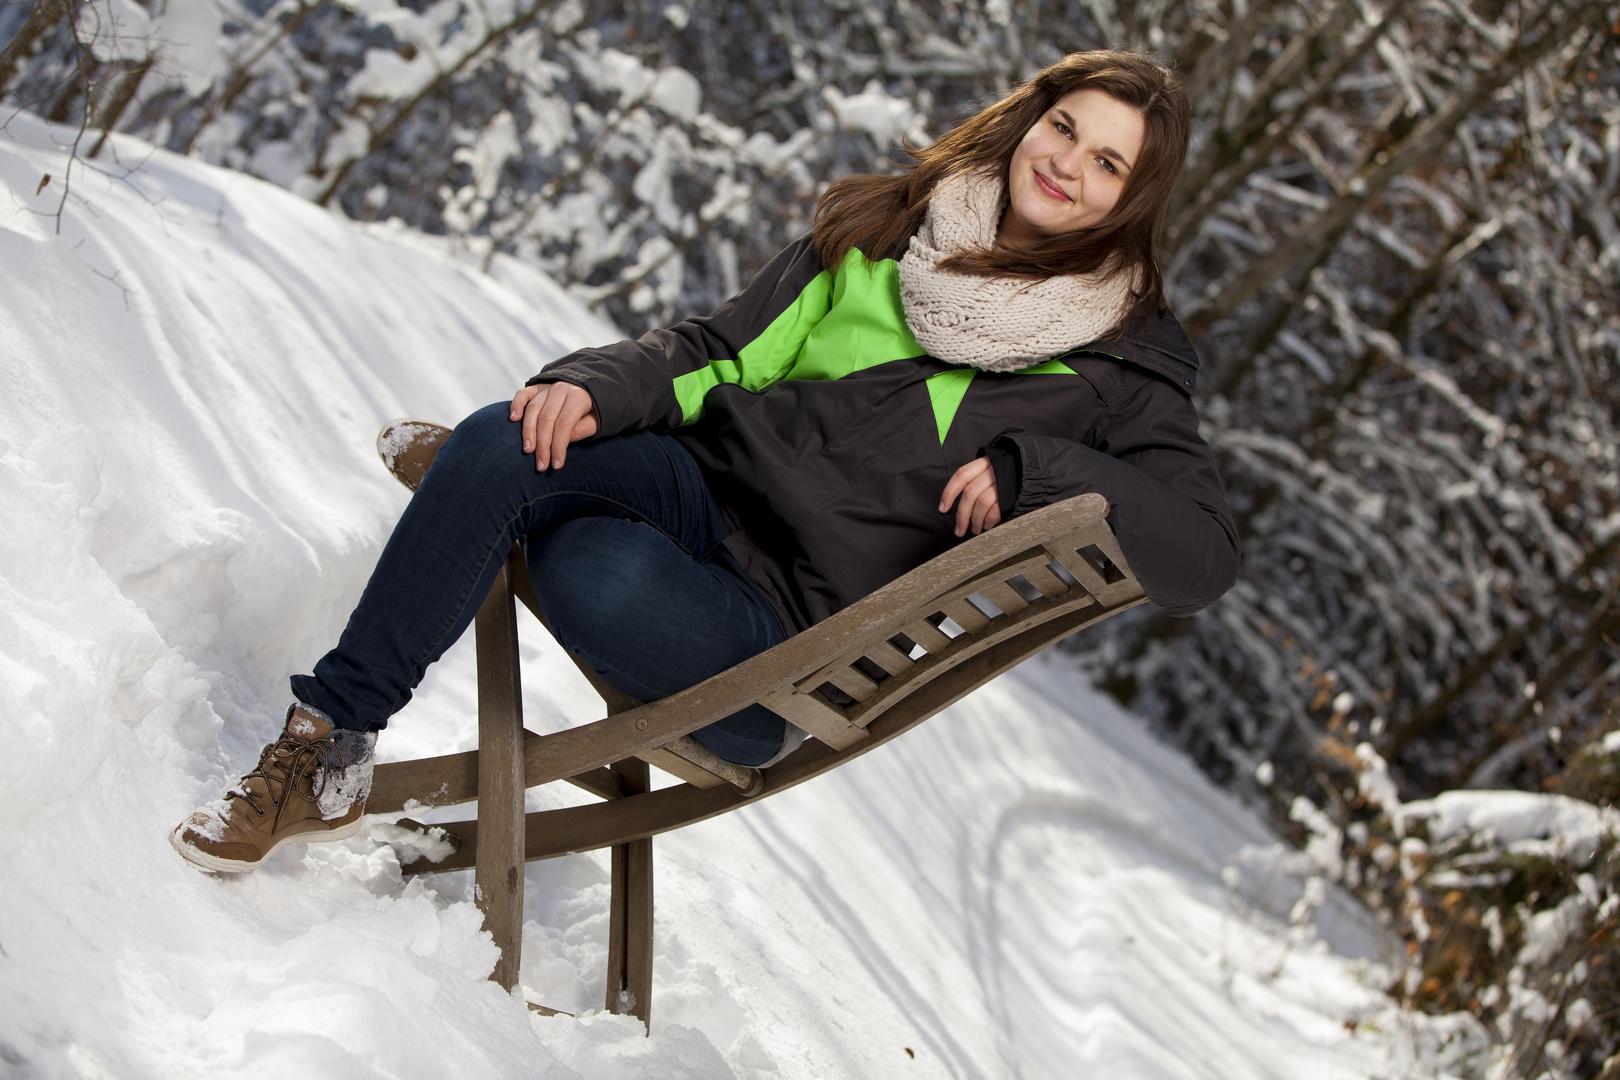 Nathalie im Schnee